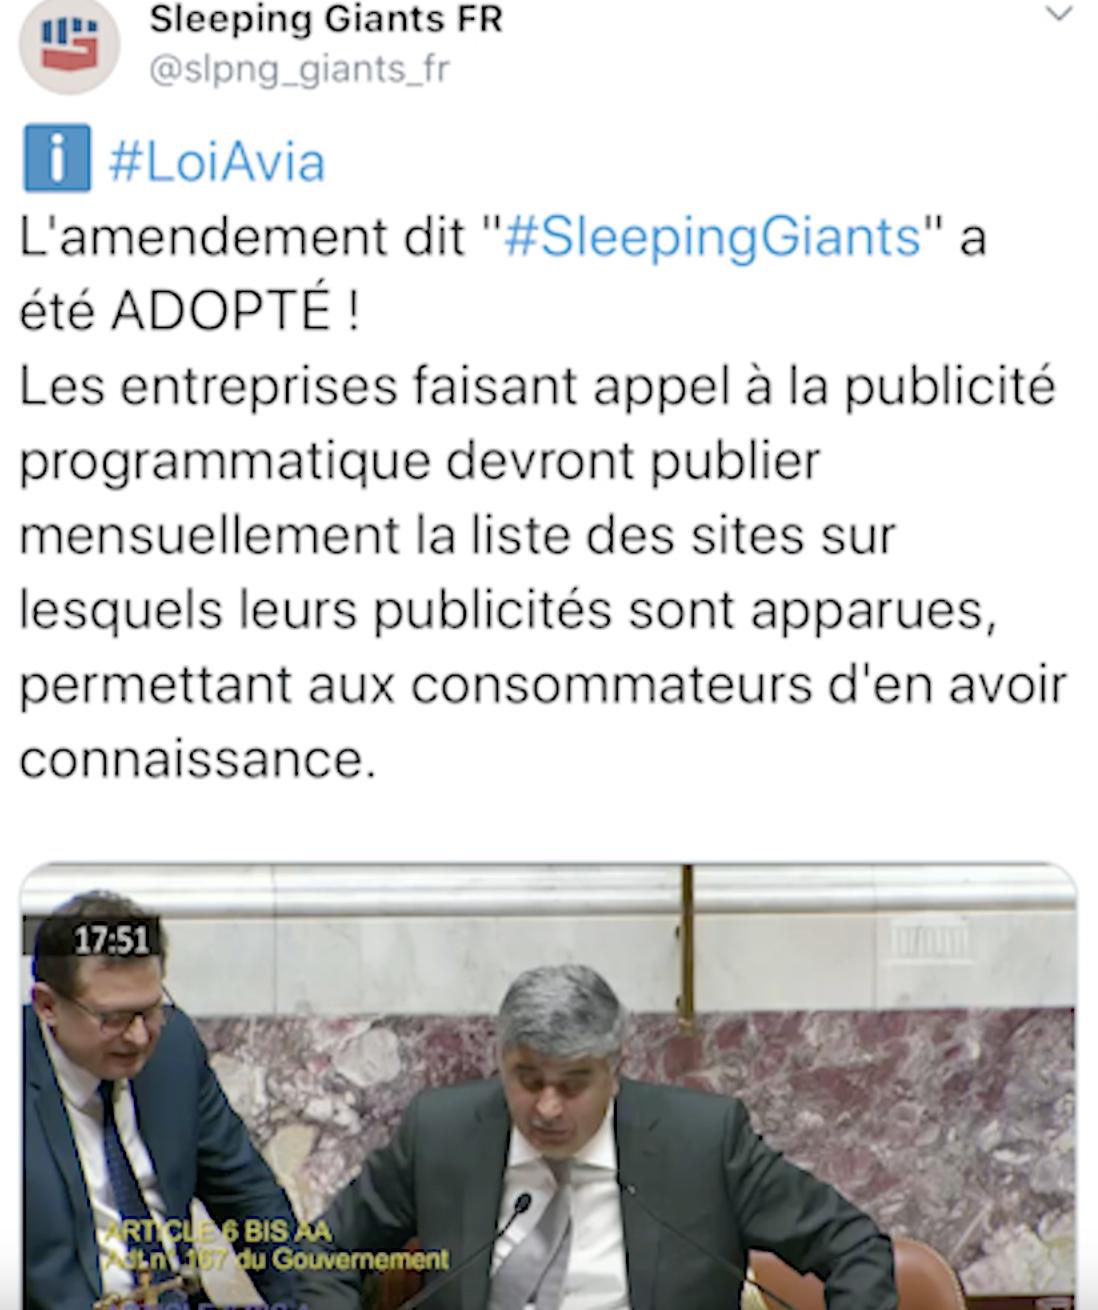 Encore une monstruosité : la loi Avia fait des «sleeping giants» des auxiliaires officiels du pouvoir !